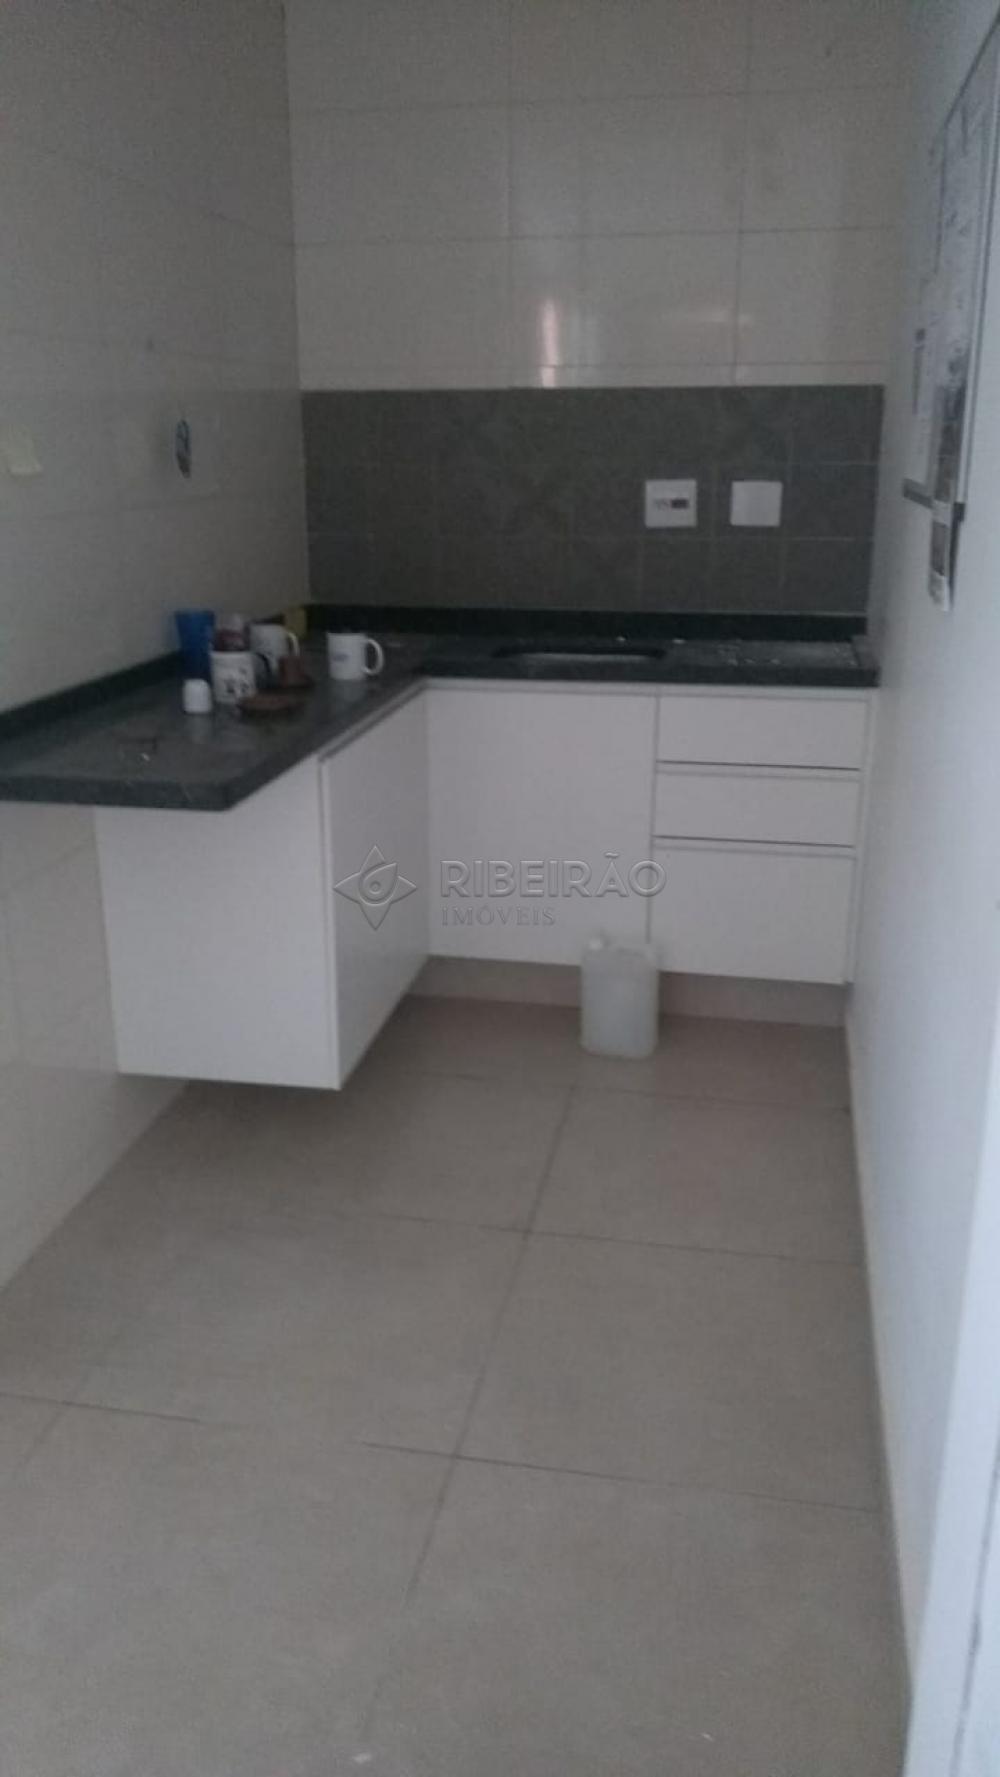 Alugar Comercial / Prédio em Ribeirão Preto R$ 12.000,00 - Foto 9